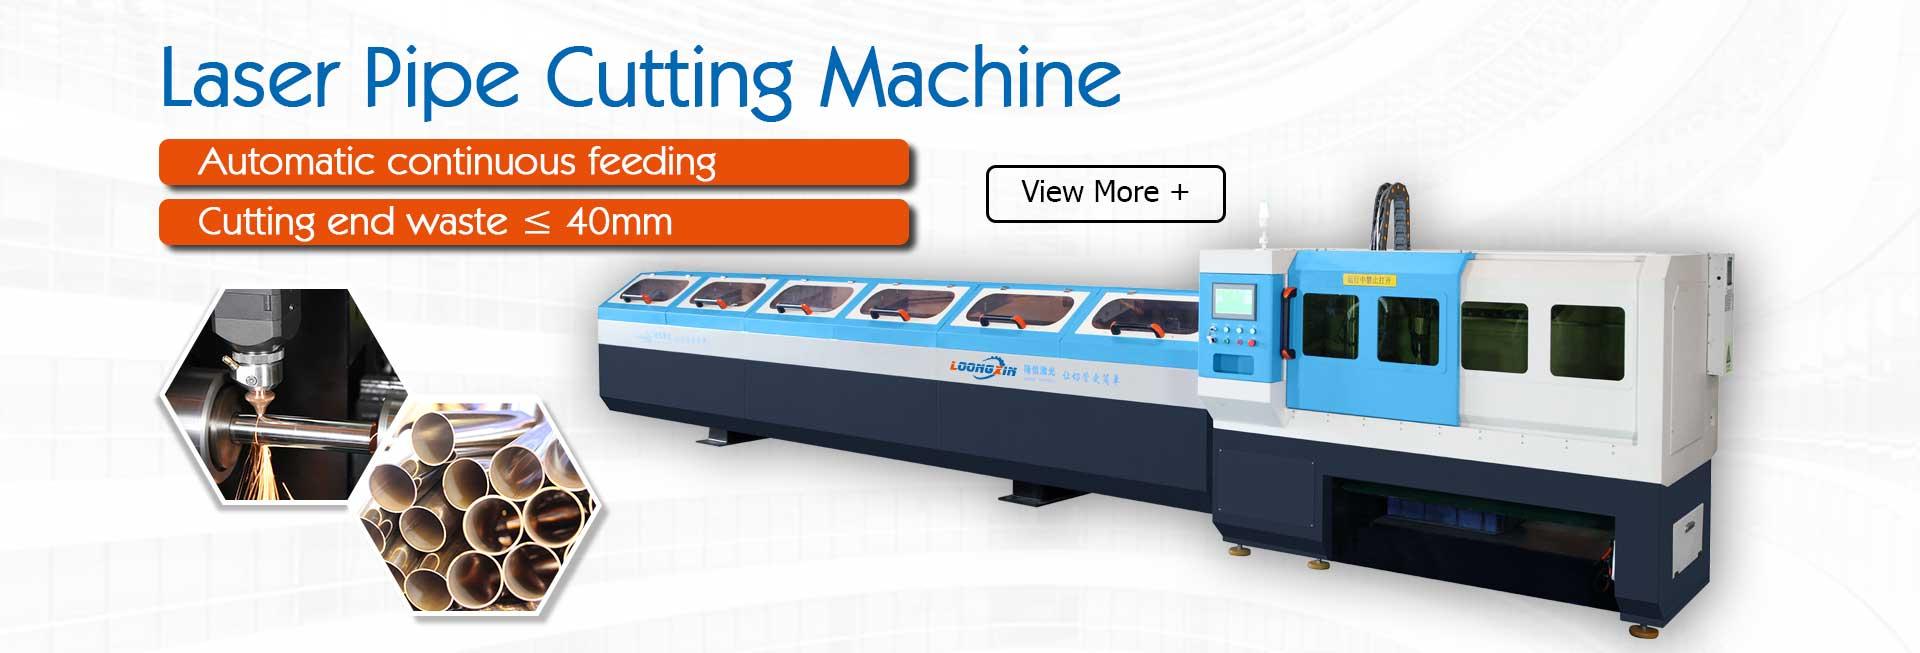 Laser Pipe Cutting Machine